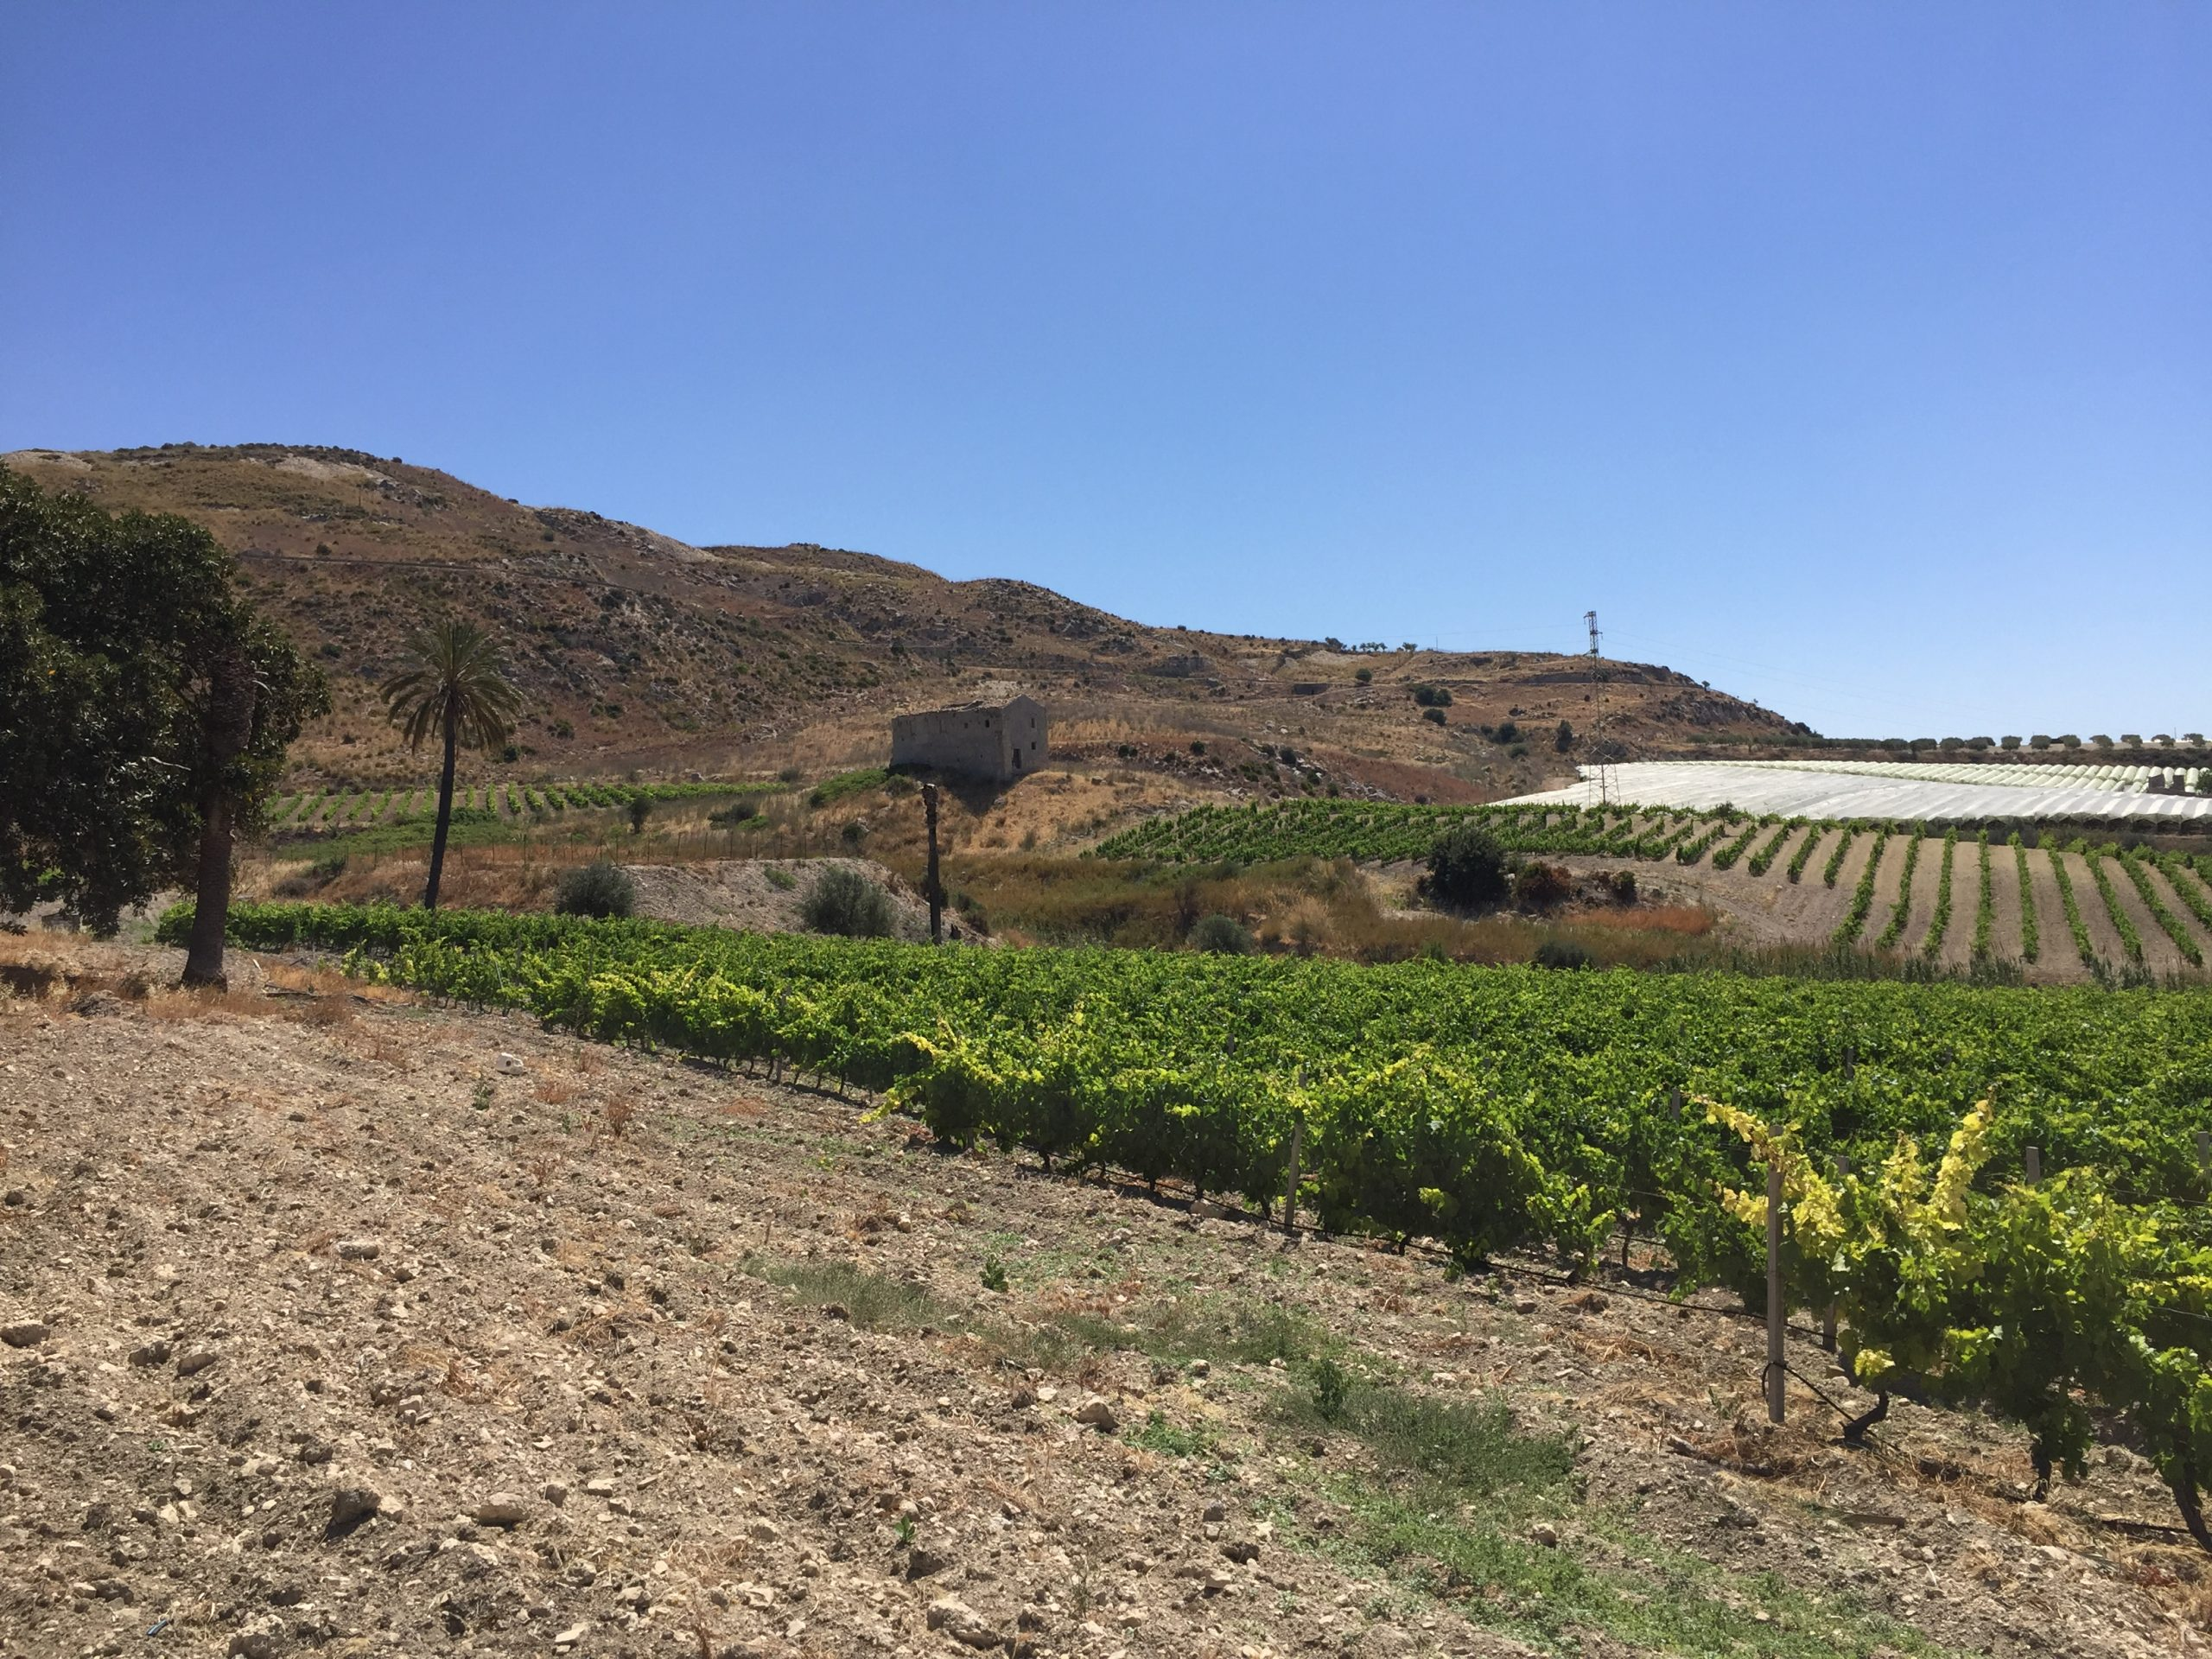 Terreno con Vigneto in vendita in contrada sant' oliva s.n.c., Licata